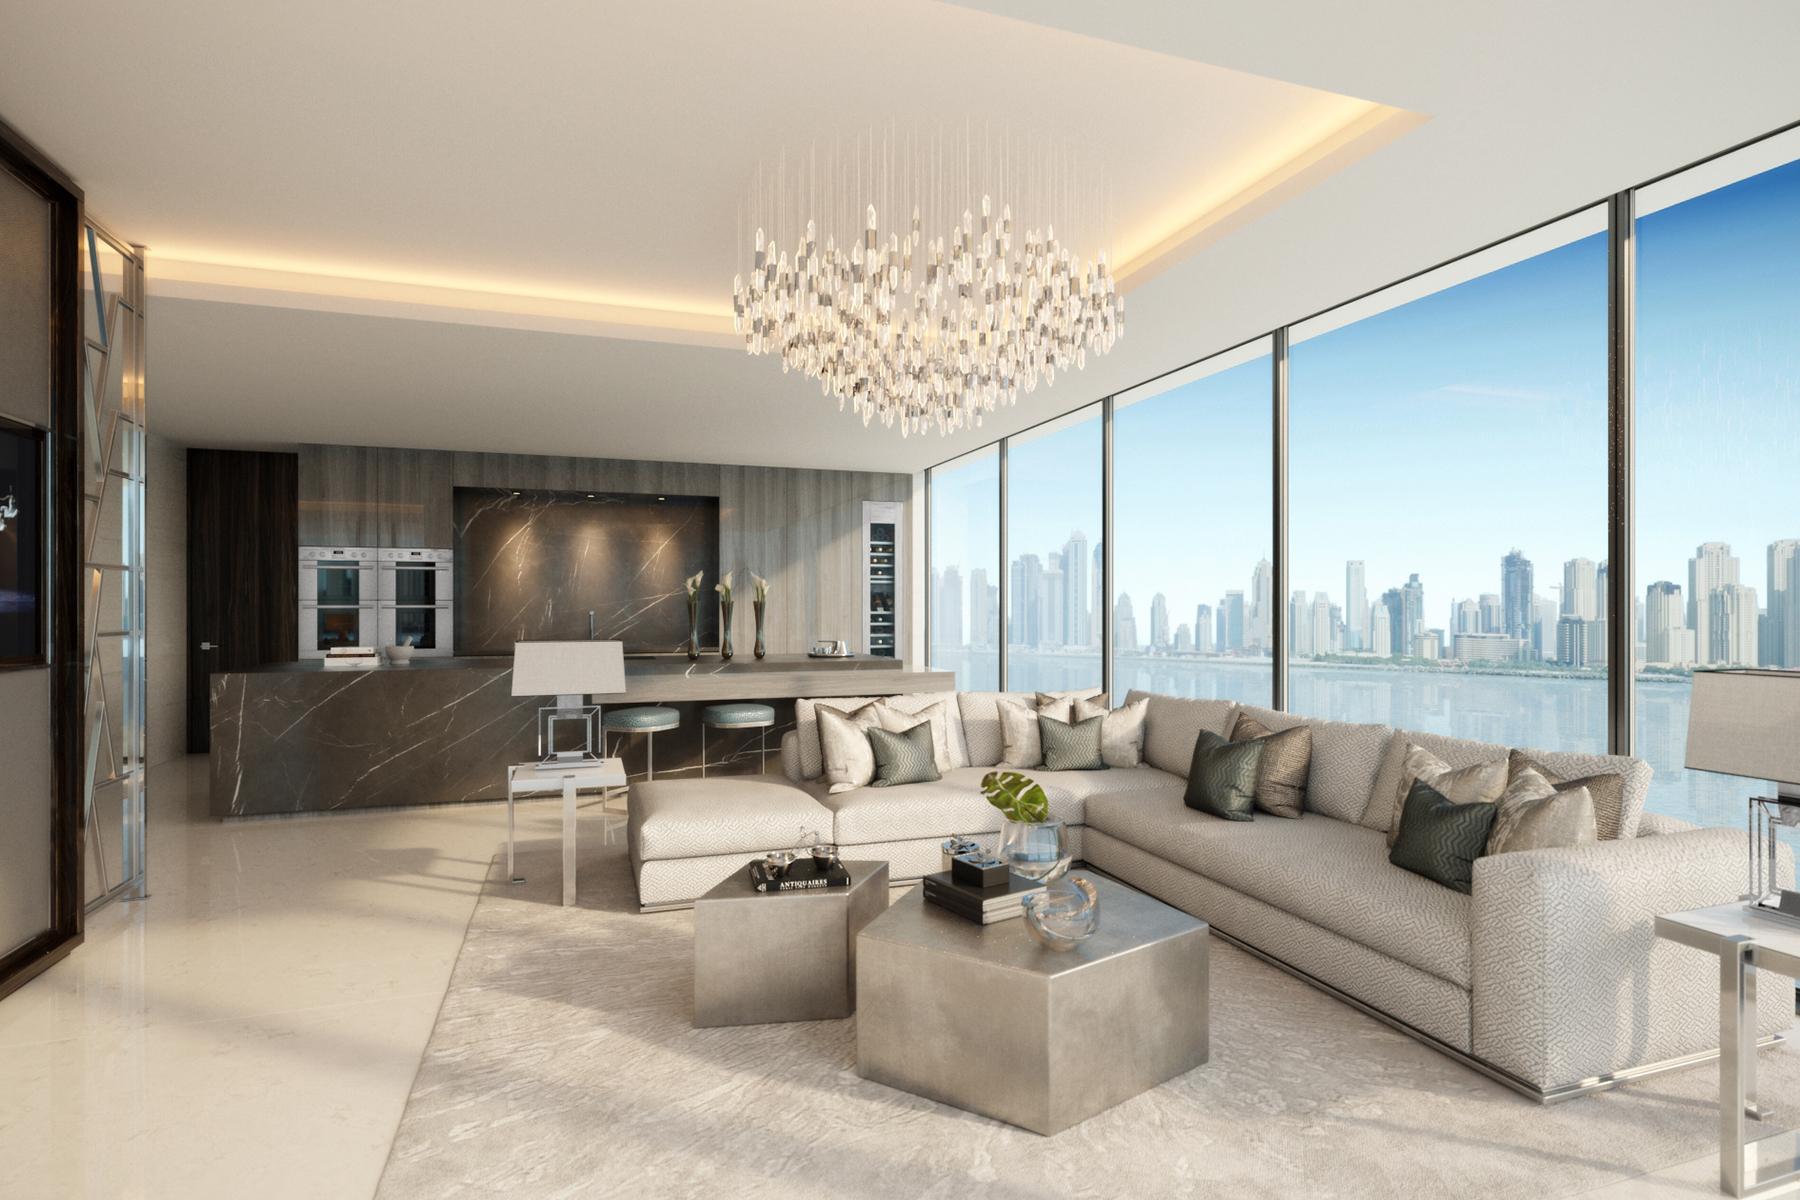 Apartamento para Venda às One Palm - Simplex Apartment Dubai, Dubai Emirados Árabes Unidos